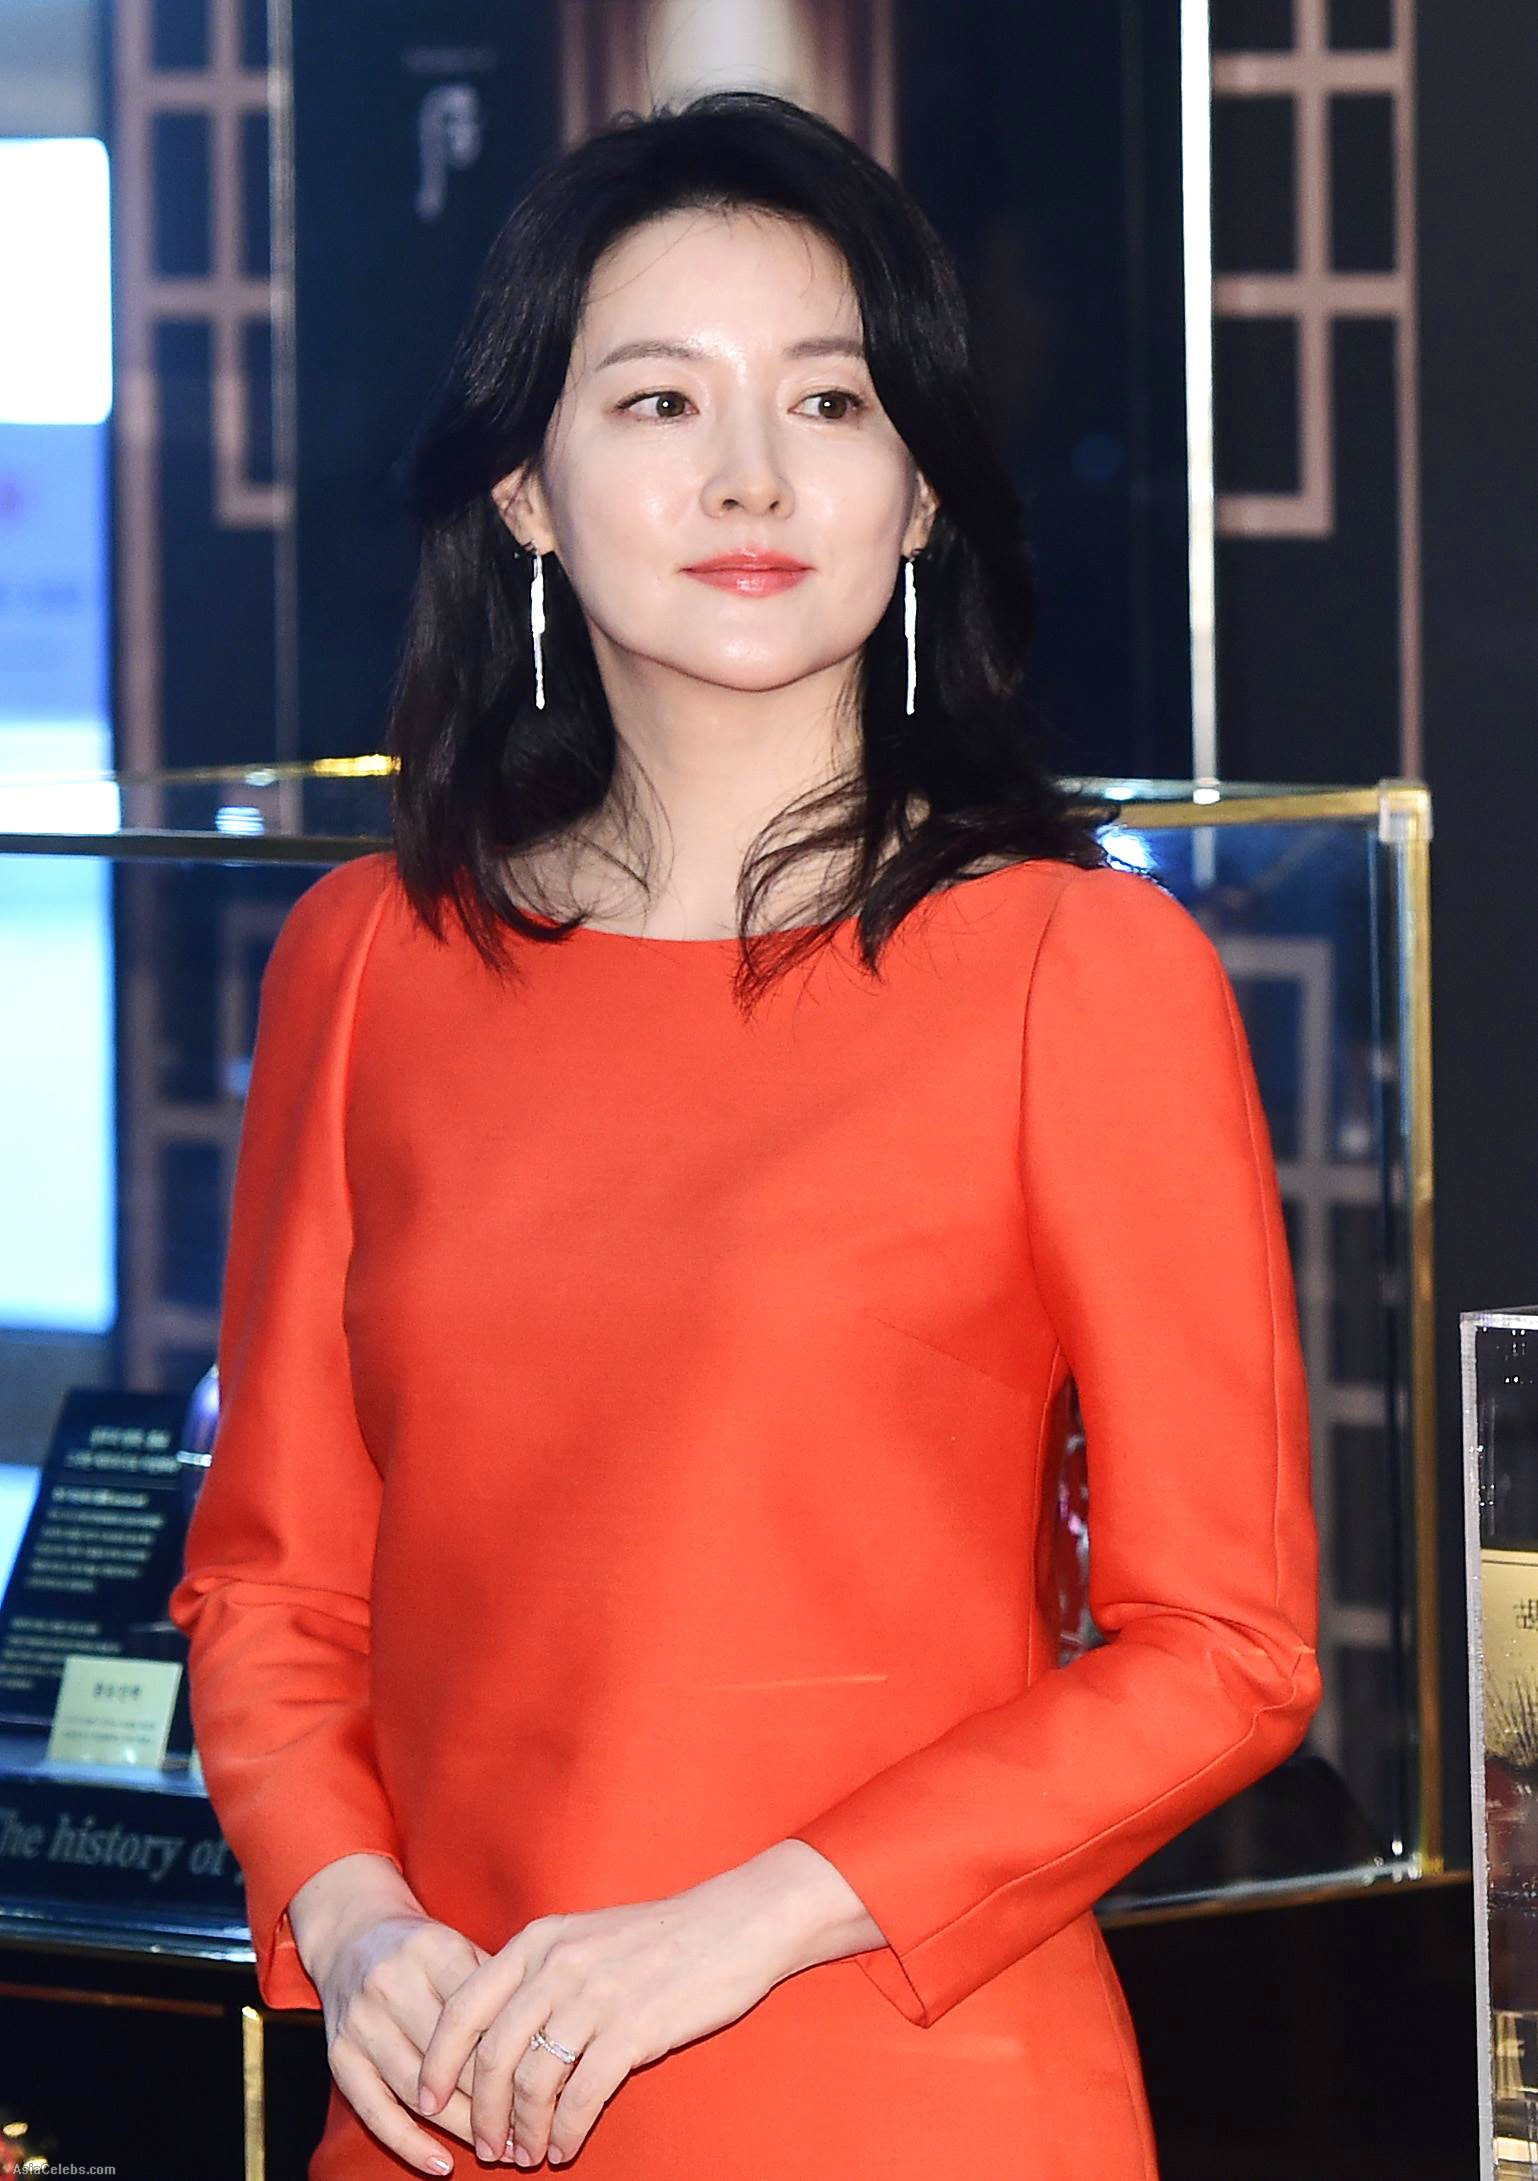 Đầm đơn sắc tinh tế tạo dáng vẻ lịch thiệp cho Young Ae khi tham dự sự kiện. (Nguồn Ảnh: Asiancelebs)